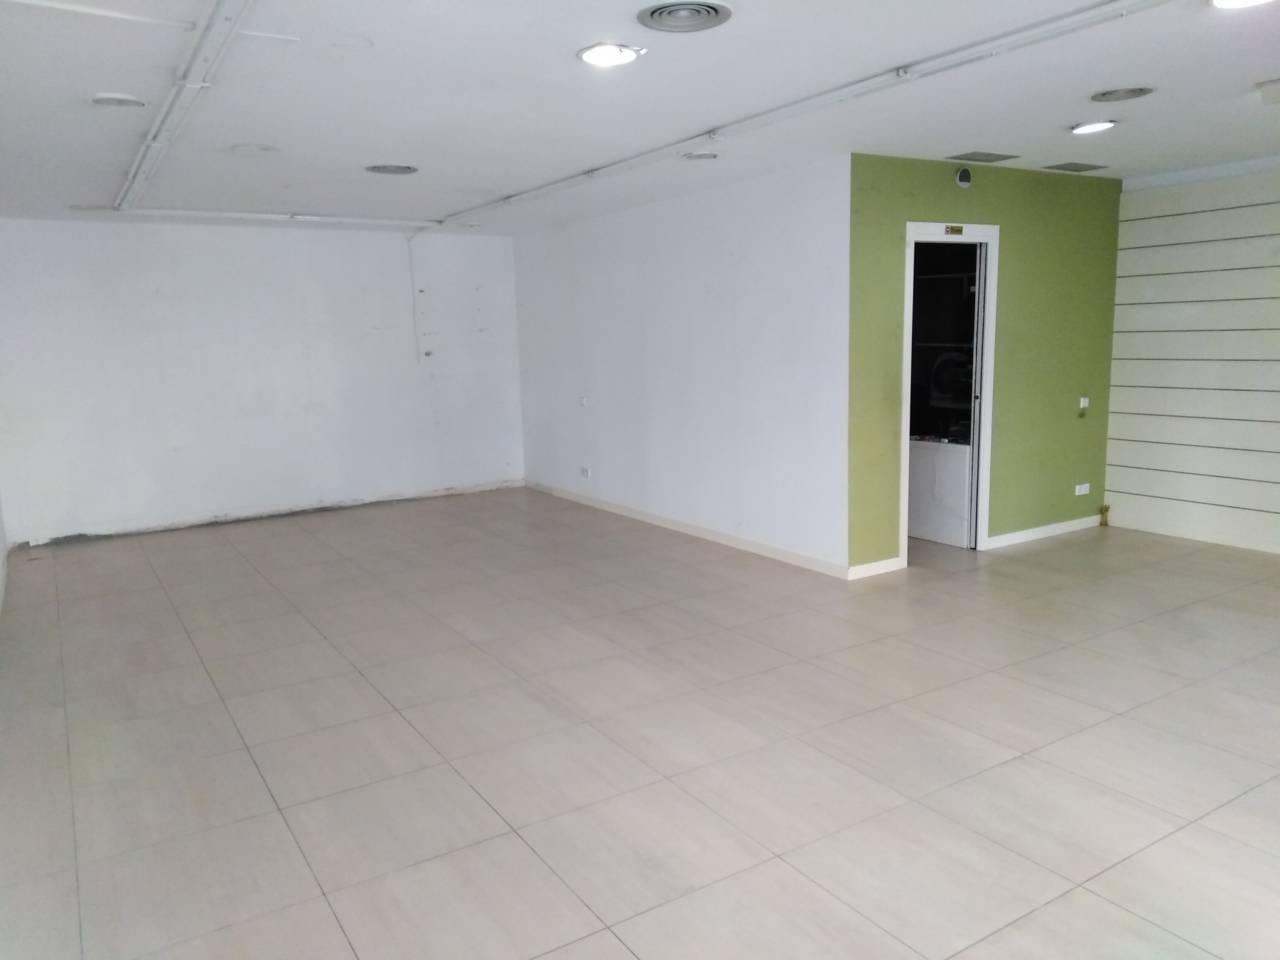 Alquiler Local Comercial  Illa del pla. Superf. 82 m², escaparate, planta baja, luz, estado certificació